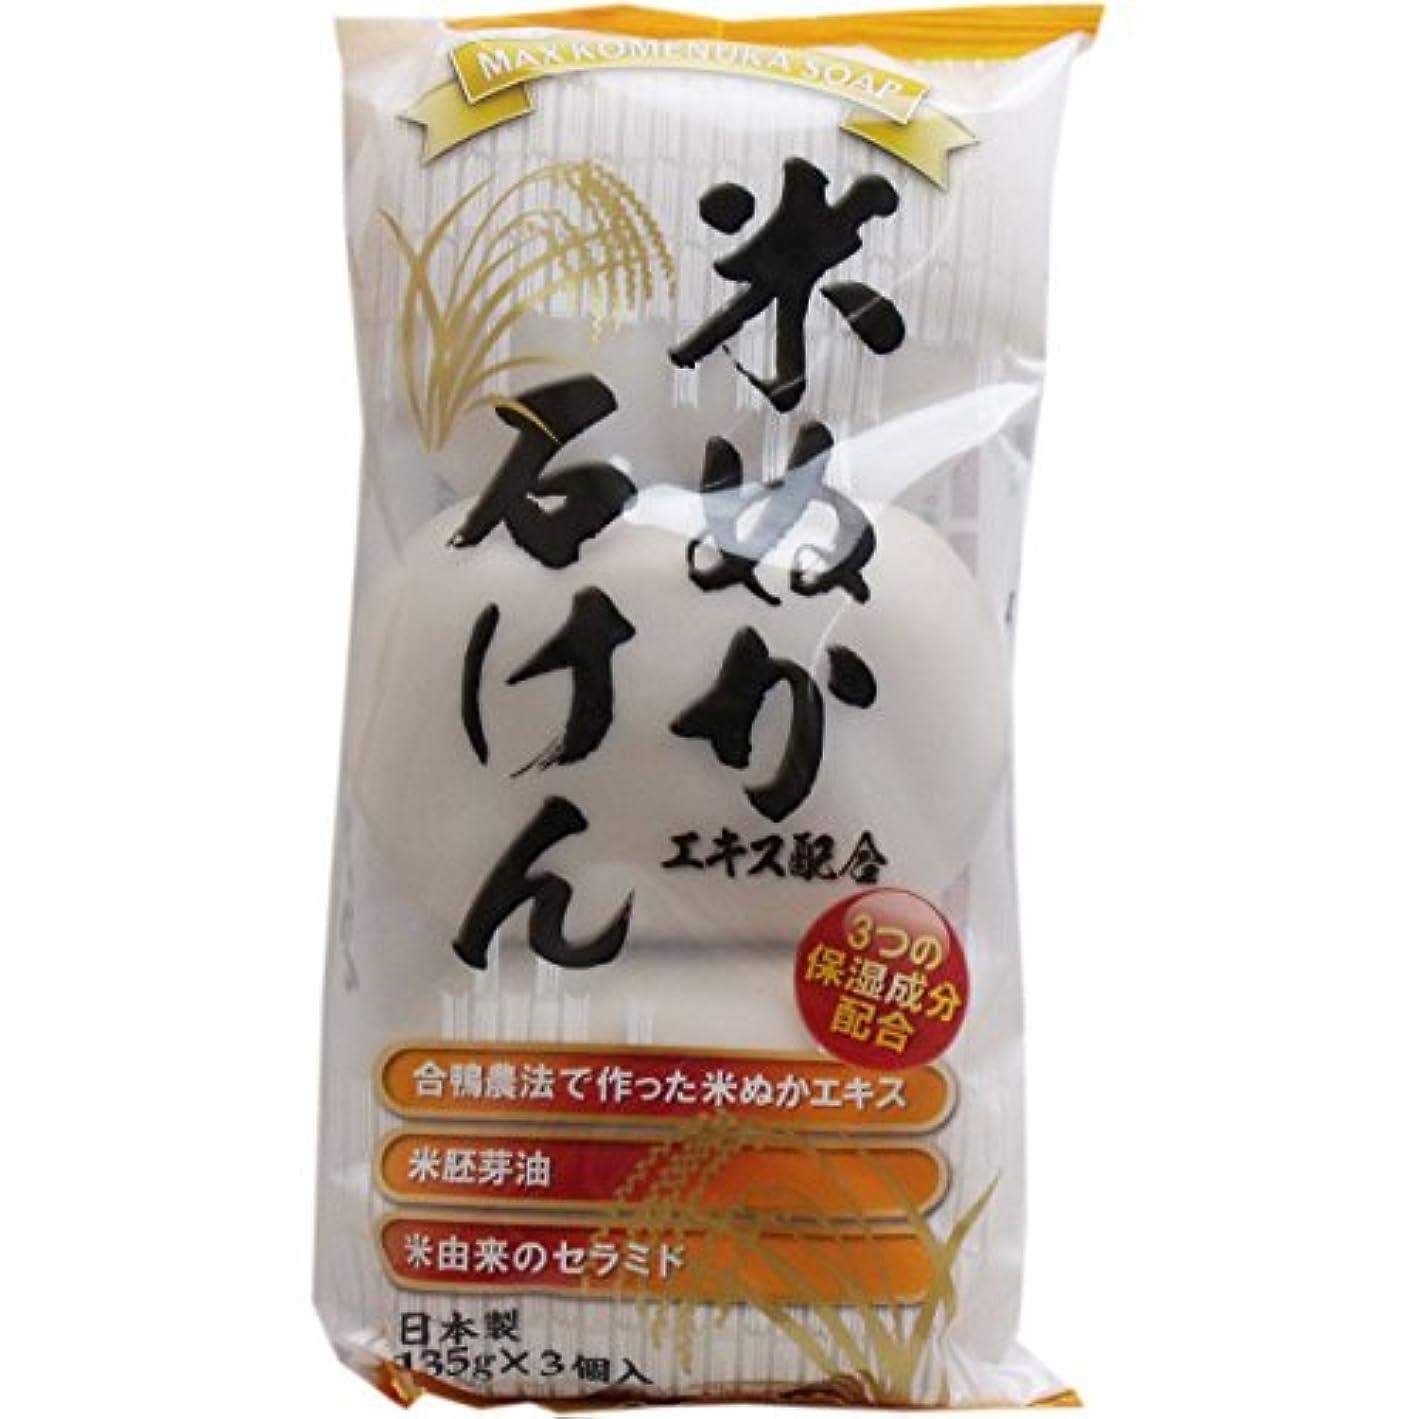 メッセージラフレシアアルノルディ不足[マックス 1651695] (ケア商品)米ぬか石けん 135g×3個入